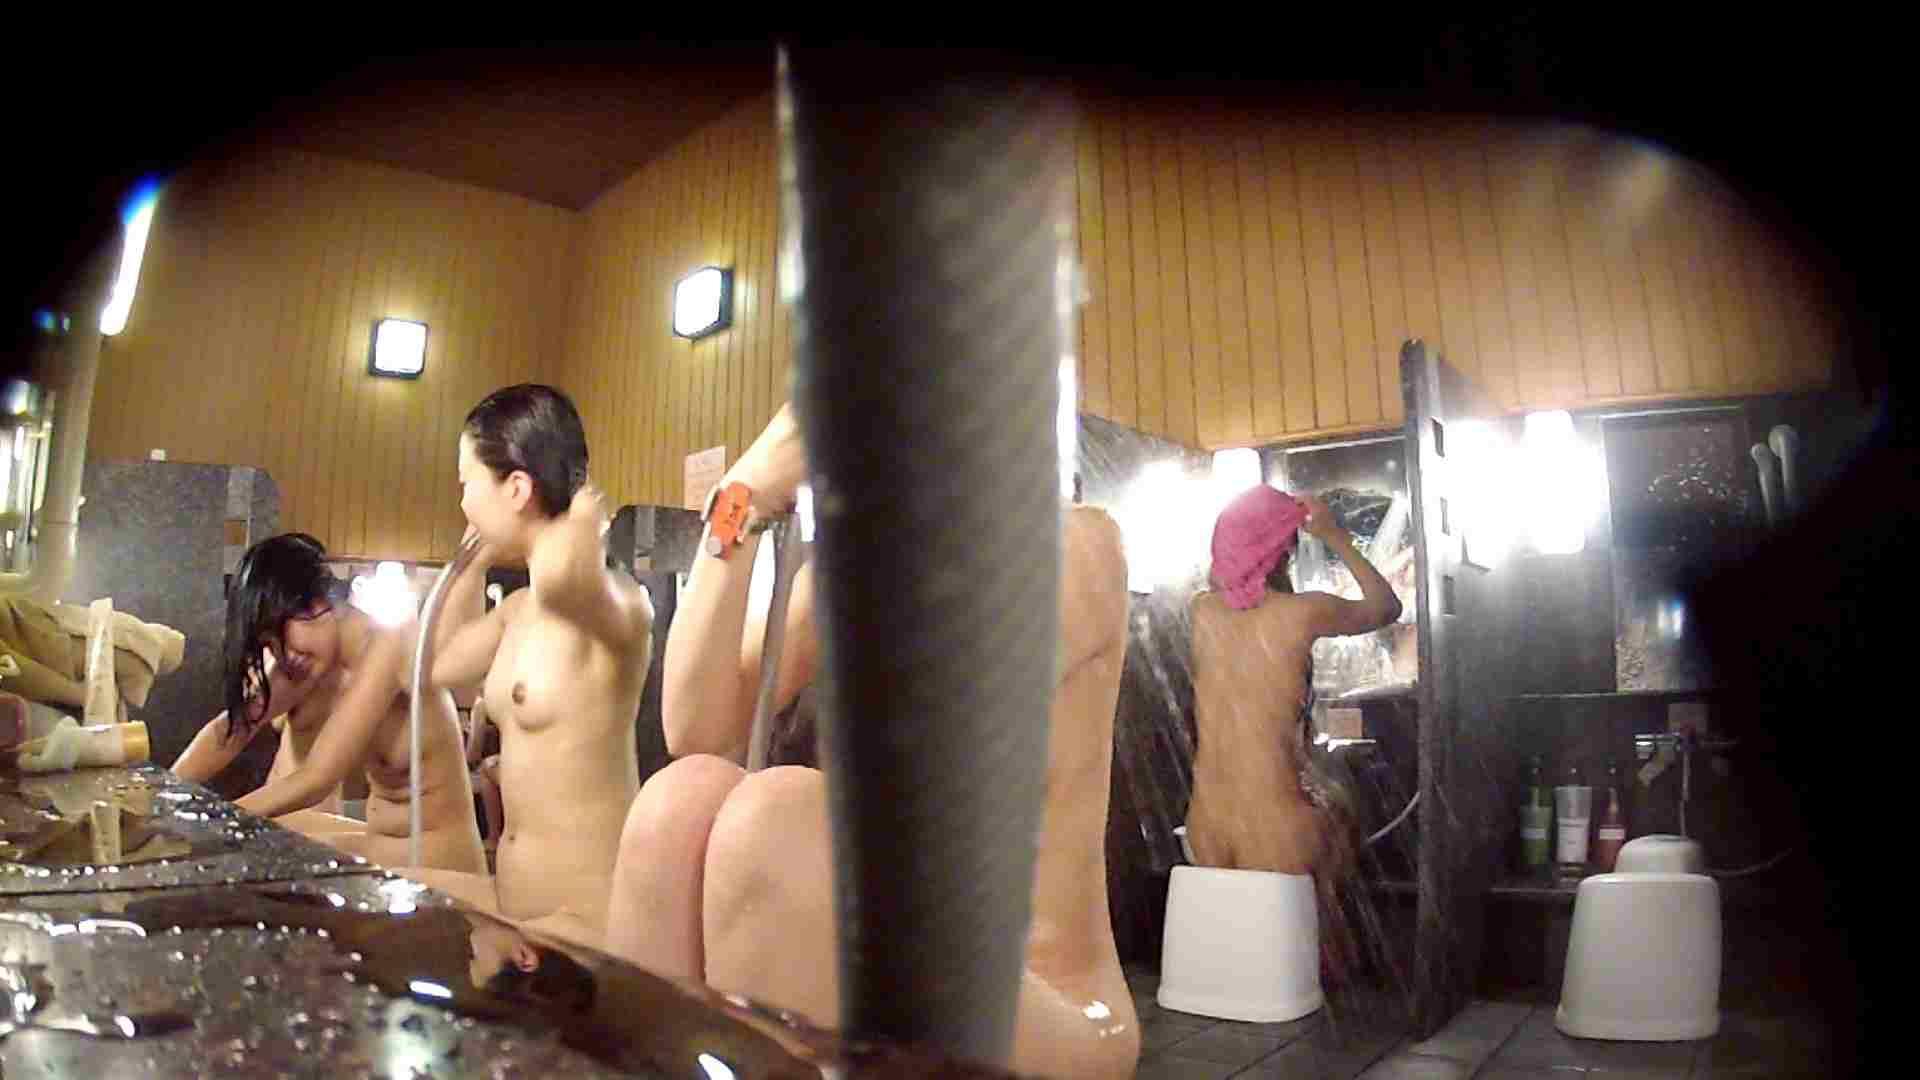 ハイビジョン 洗い場!ちょっとケバいですが、美乳です!ホースが・・・ 美肌 | 細身  86画像 49